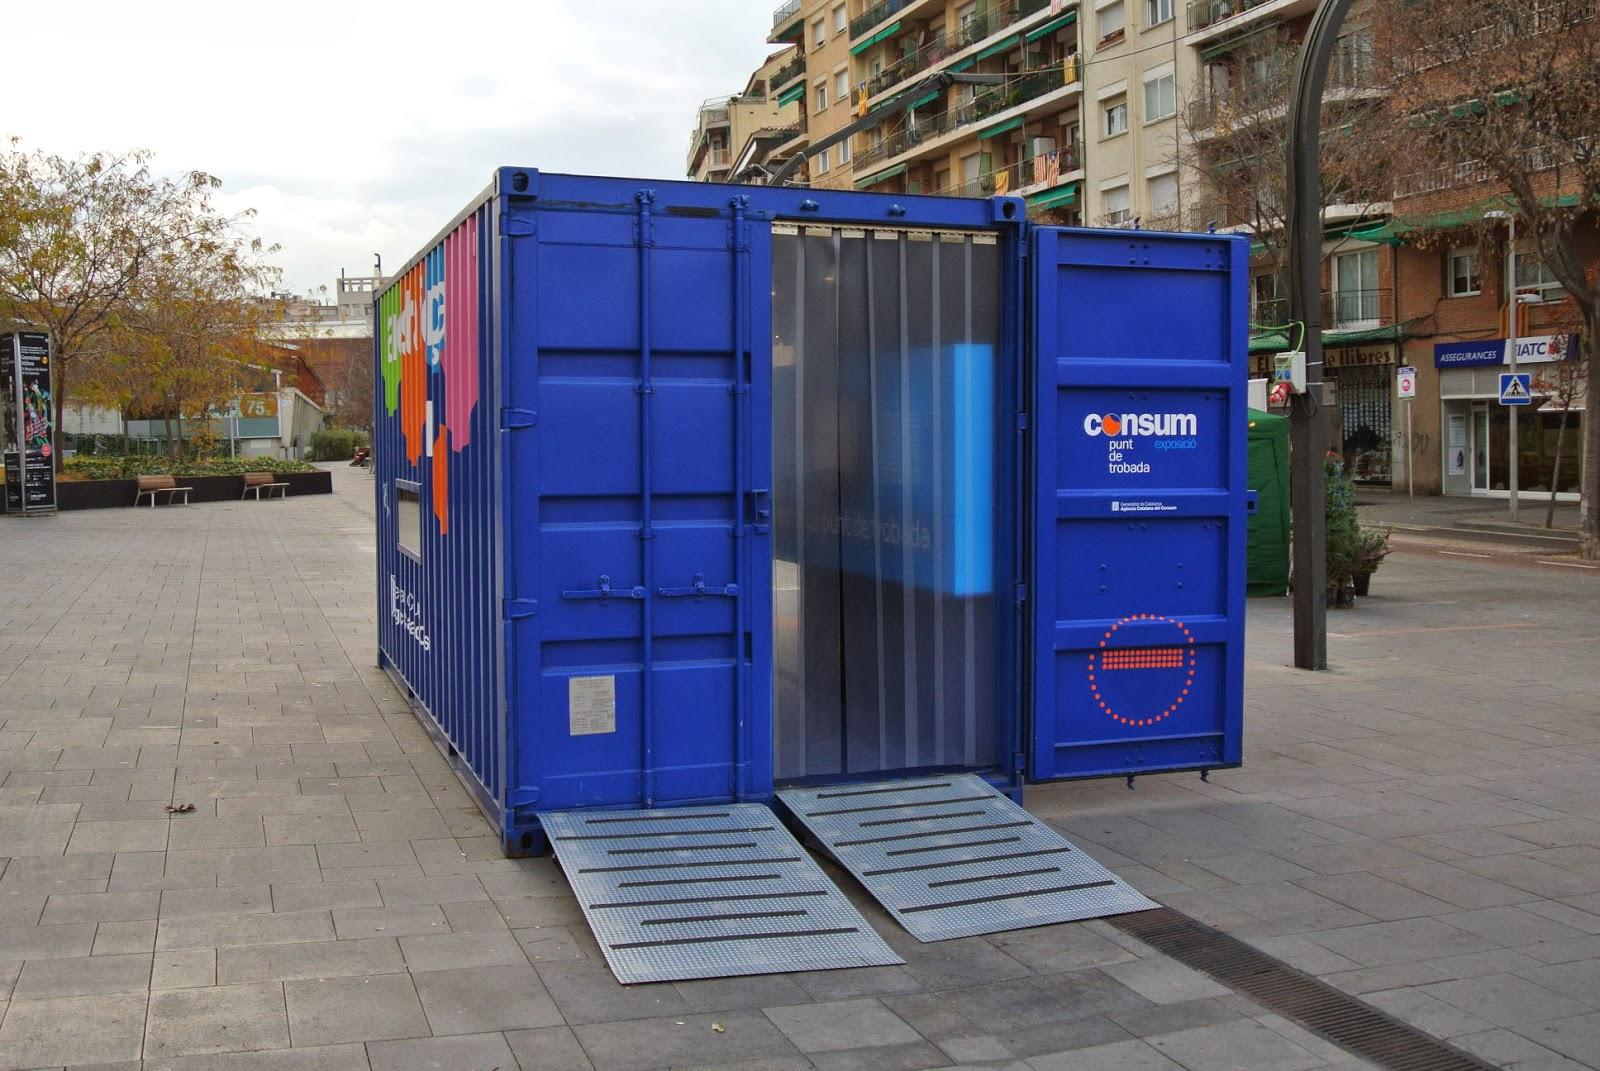 Casas contenedores containers marinos habilitados como expositores en sant cugat del vall s - Casas en contenedores marinos ...